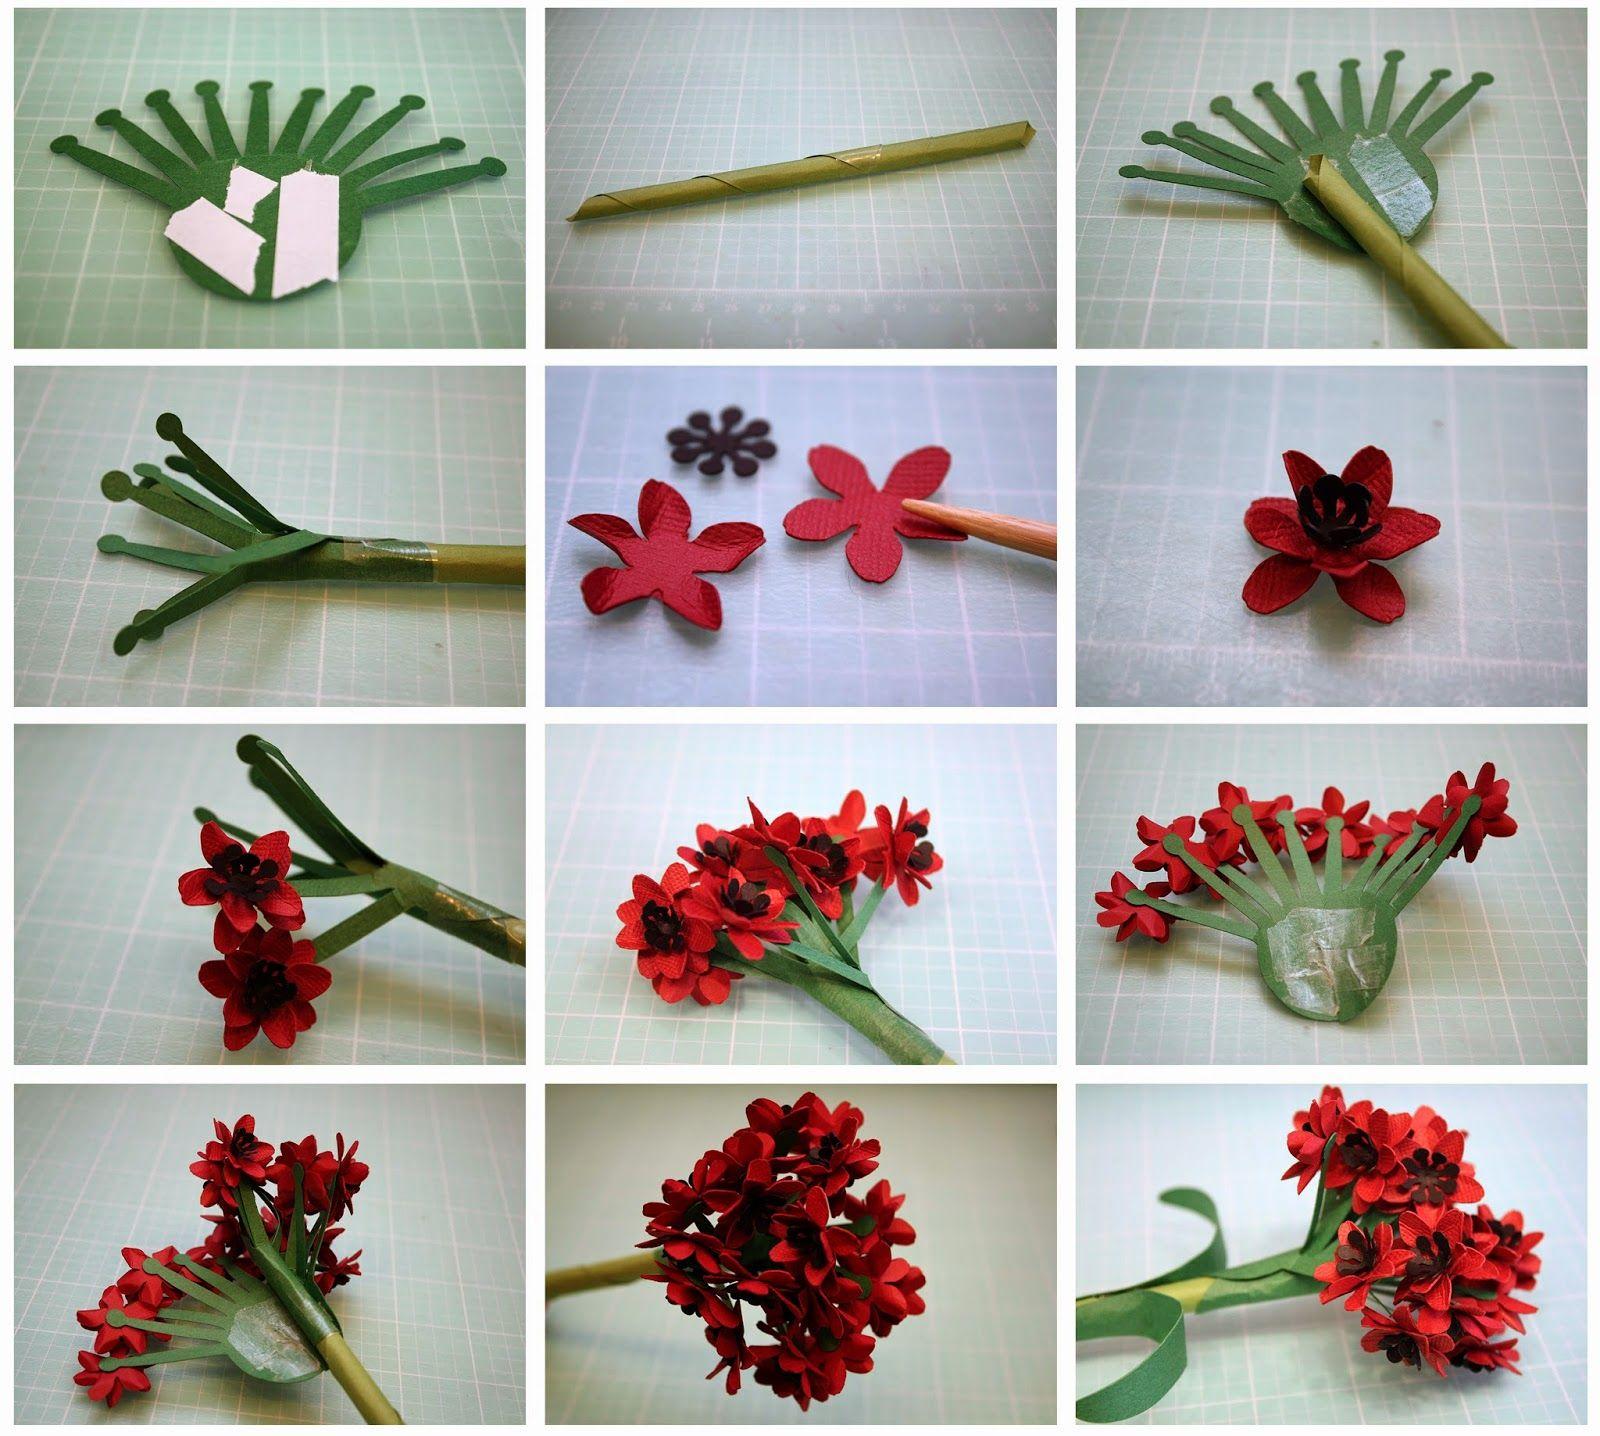 Bits of paper ixora and geranium 3d paper flowers and a 3d planter bits of paper ixora and geranium 3d paper flowers and a 3d planter mightylinksfo